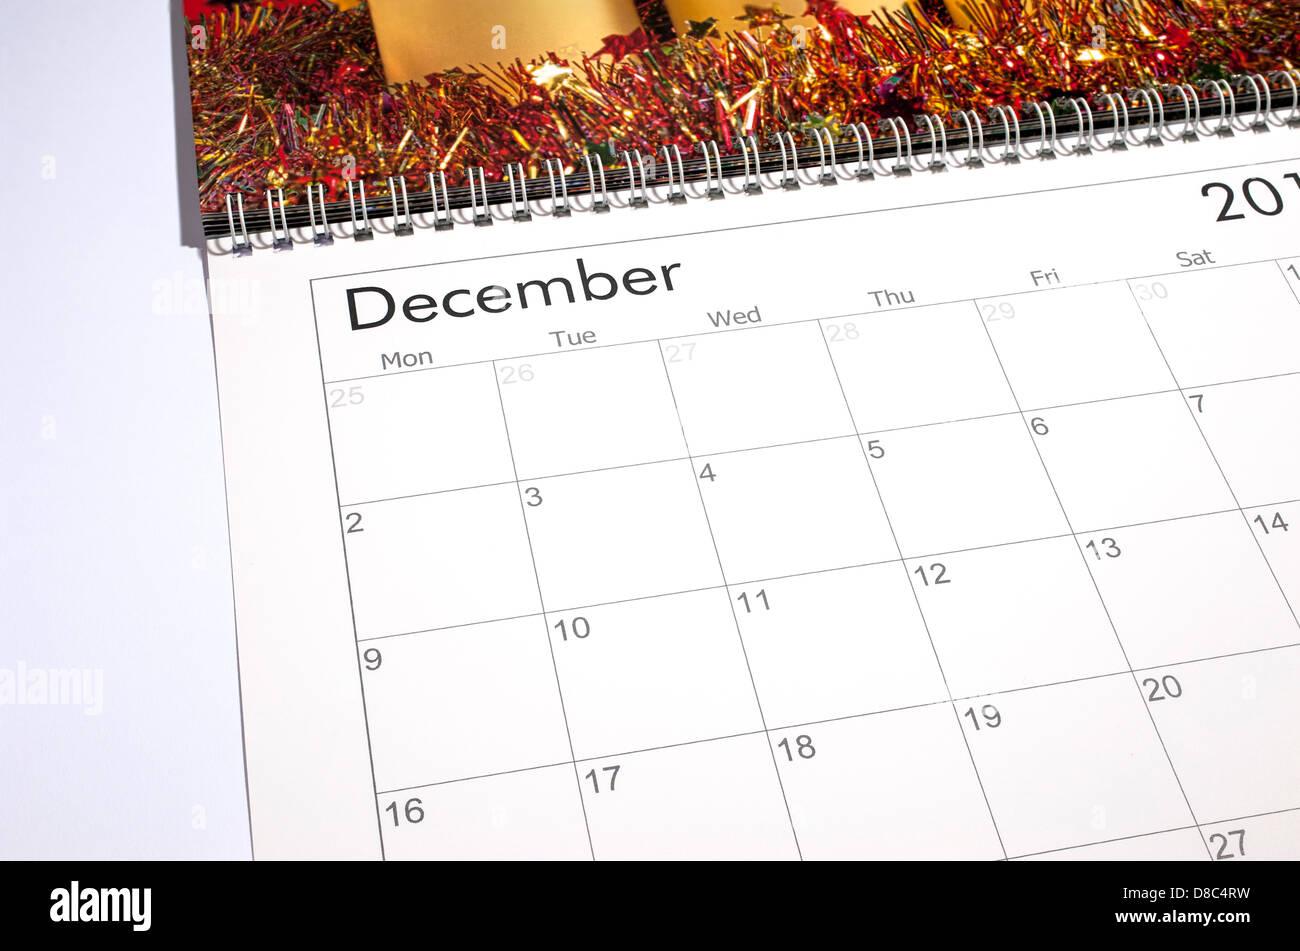 Calendario en blanco página - Diciembre de 2013 Imagen De Stock